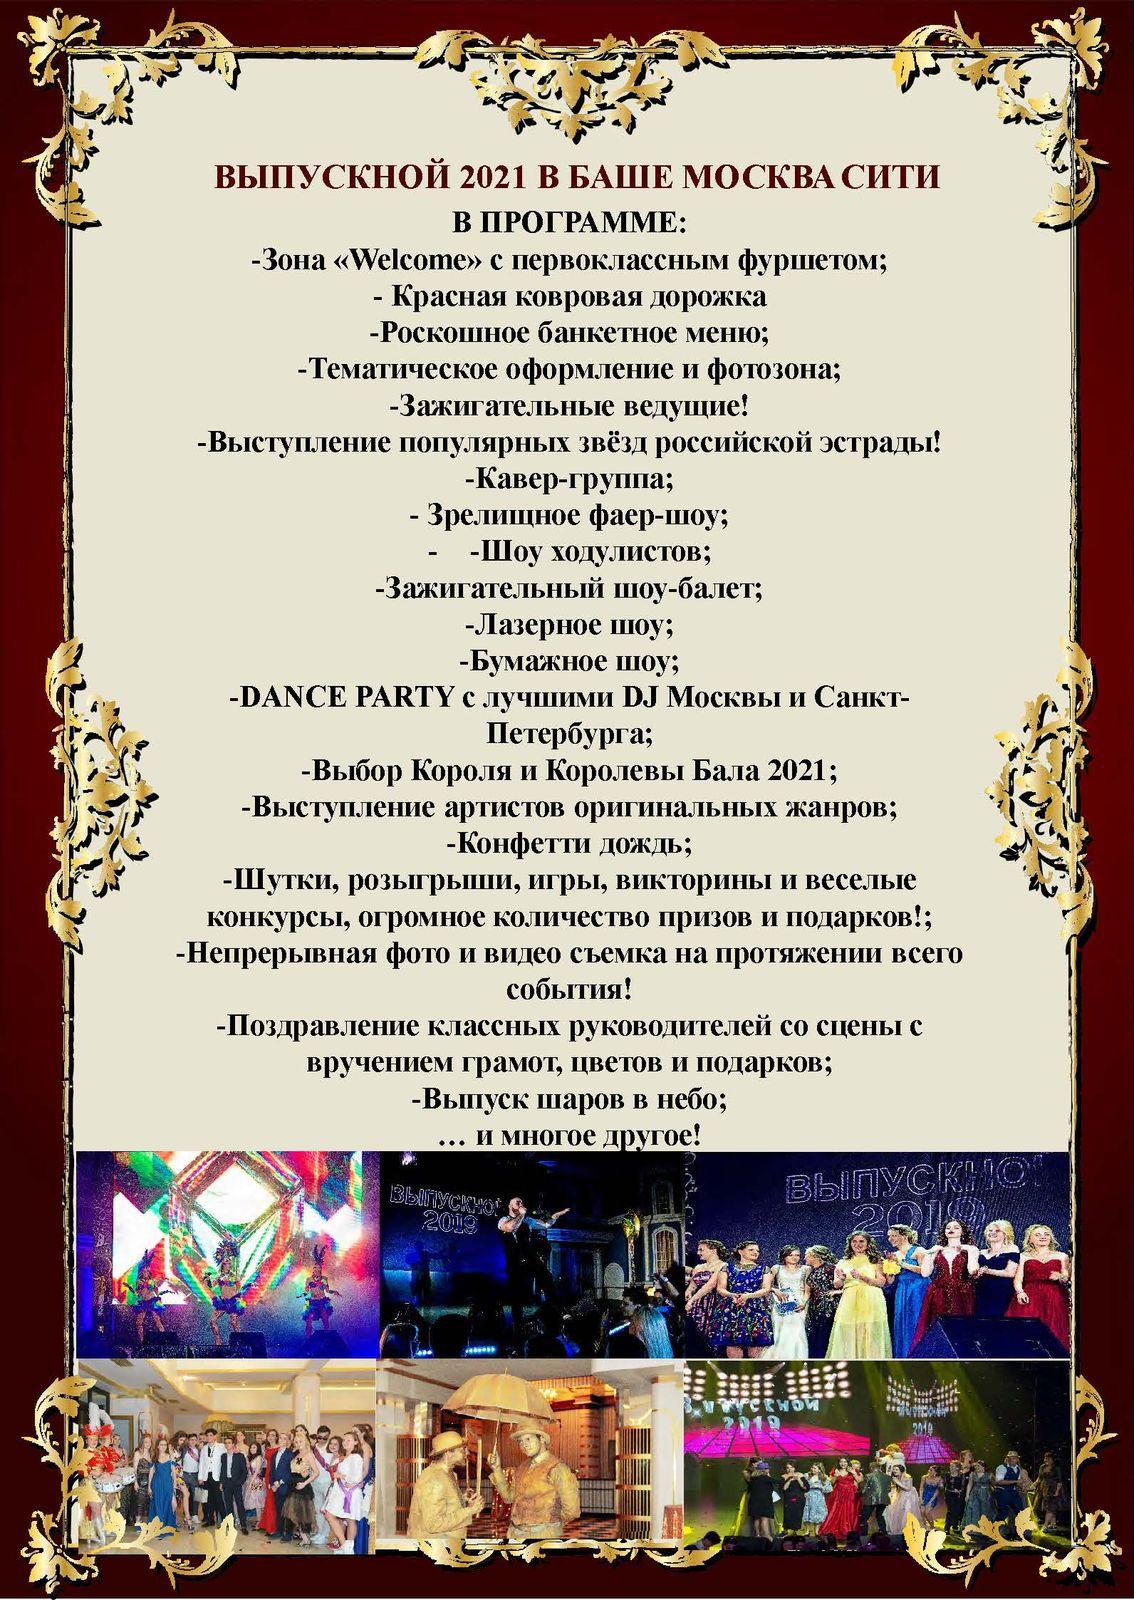 Презентация Выпускной Выше нас только небо 2021 в Башне Москва Сити 4